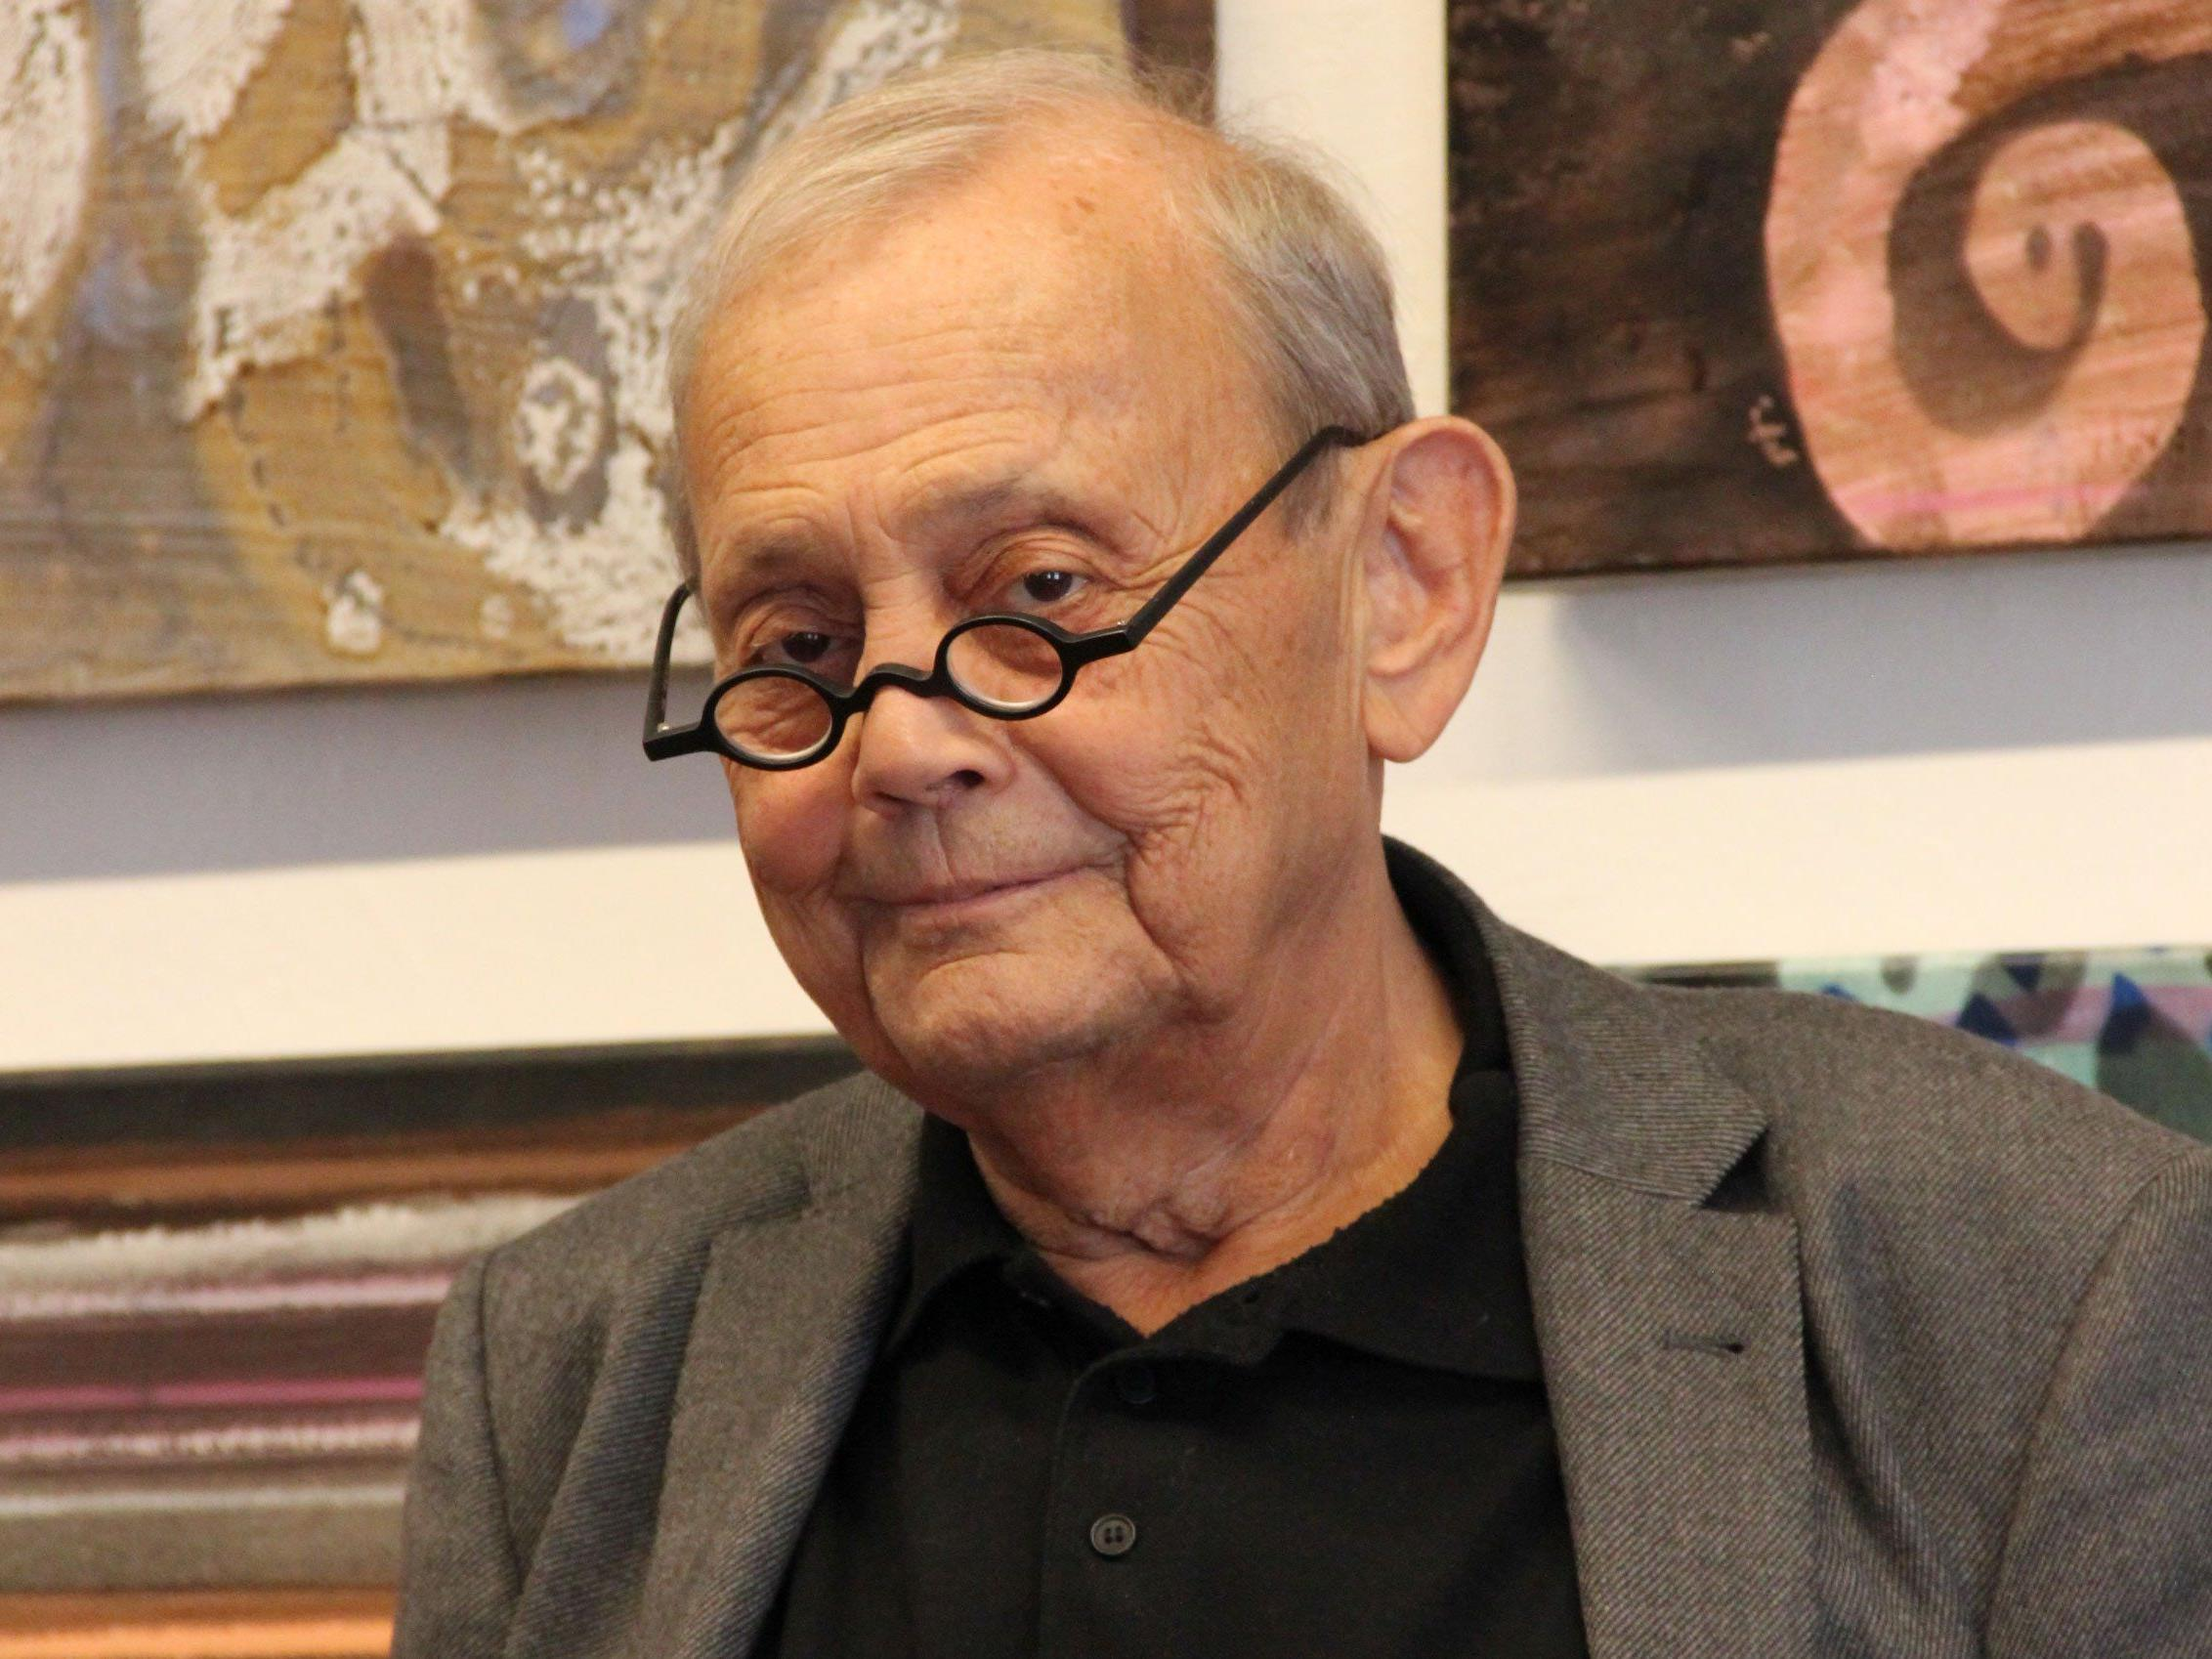 Vorarlberger Künstler und Jurist Gerold Hirn im Alter von 70 Jahren verstorben.